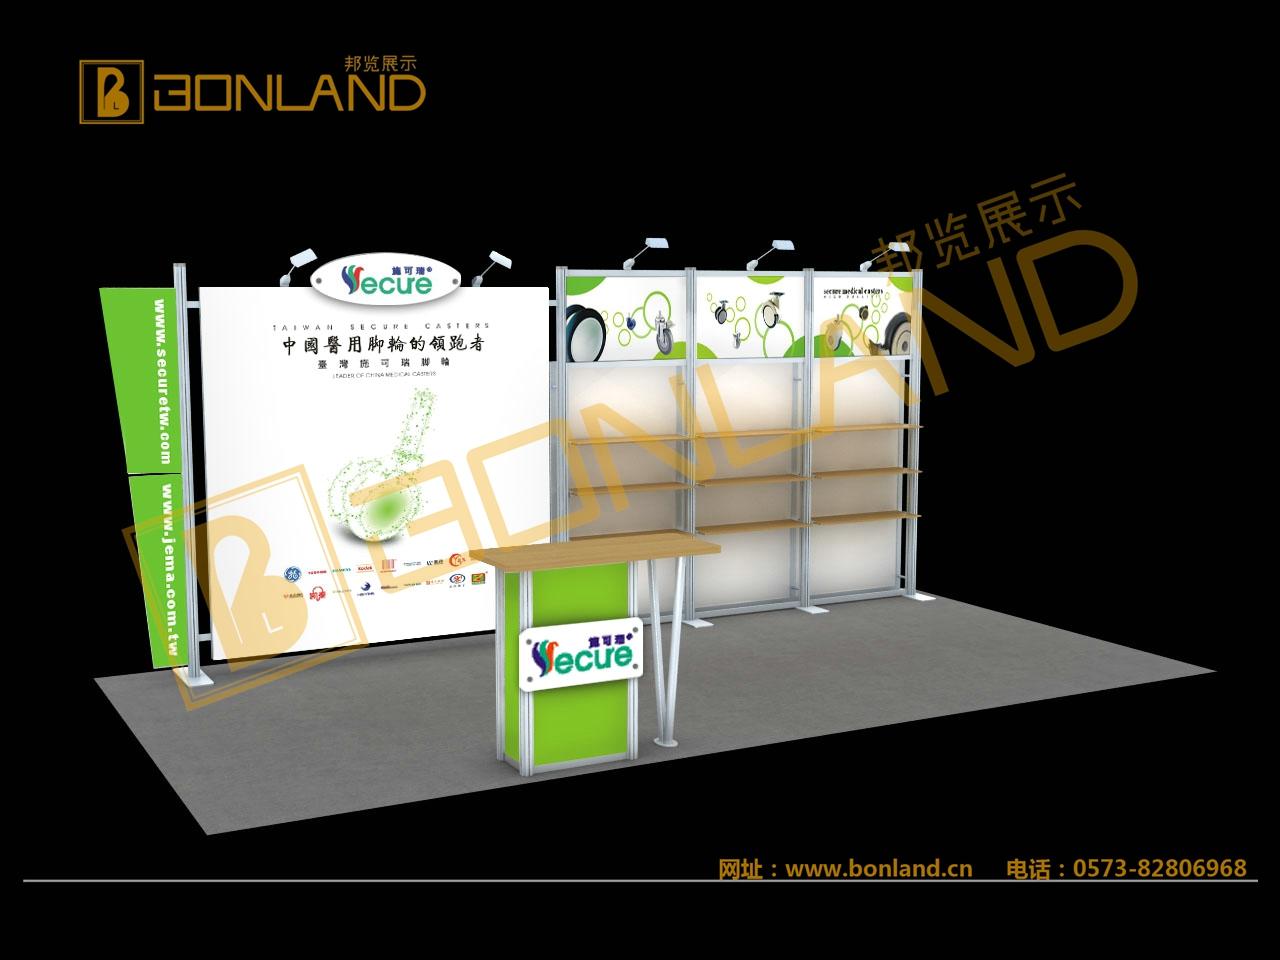 上海 便携展位 制作价格